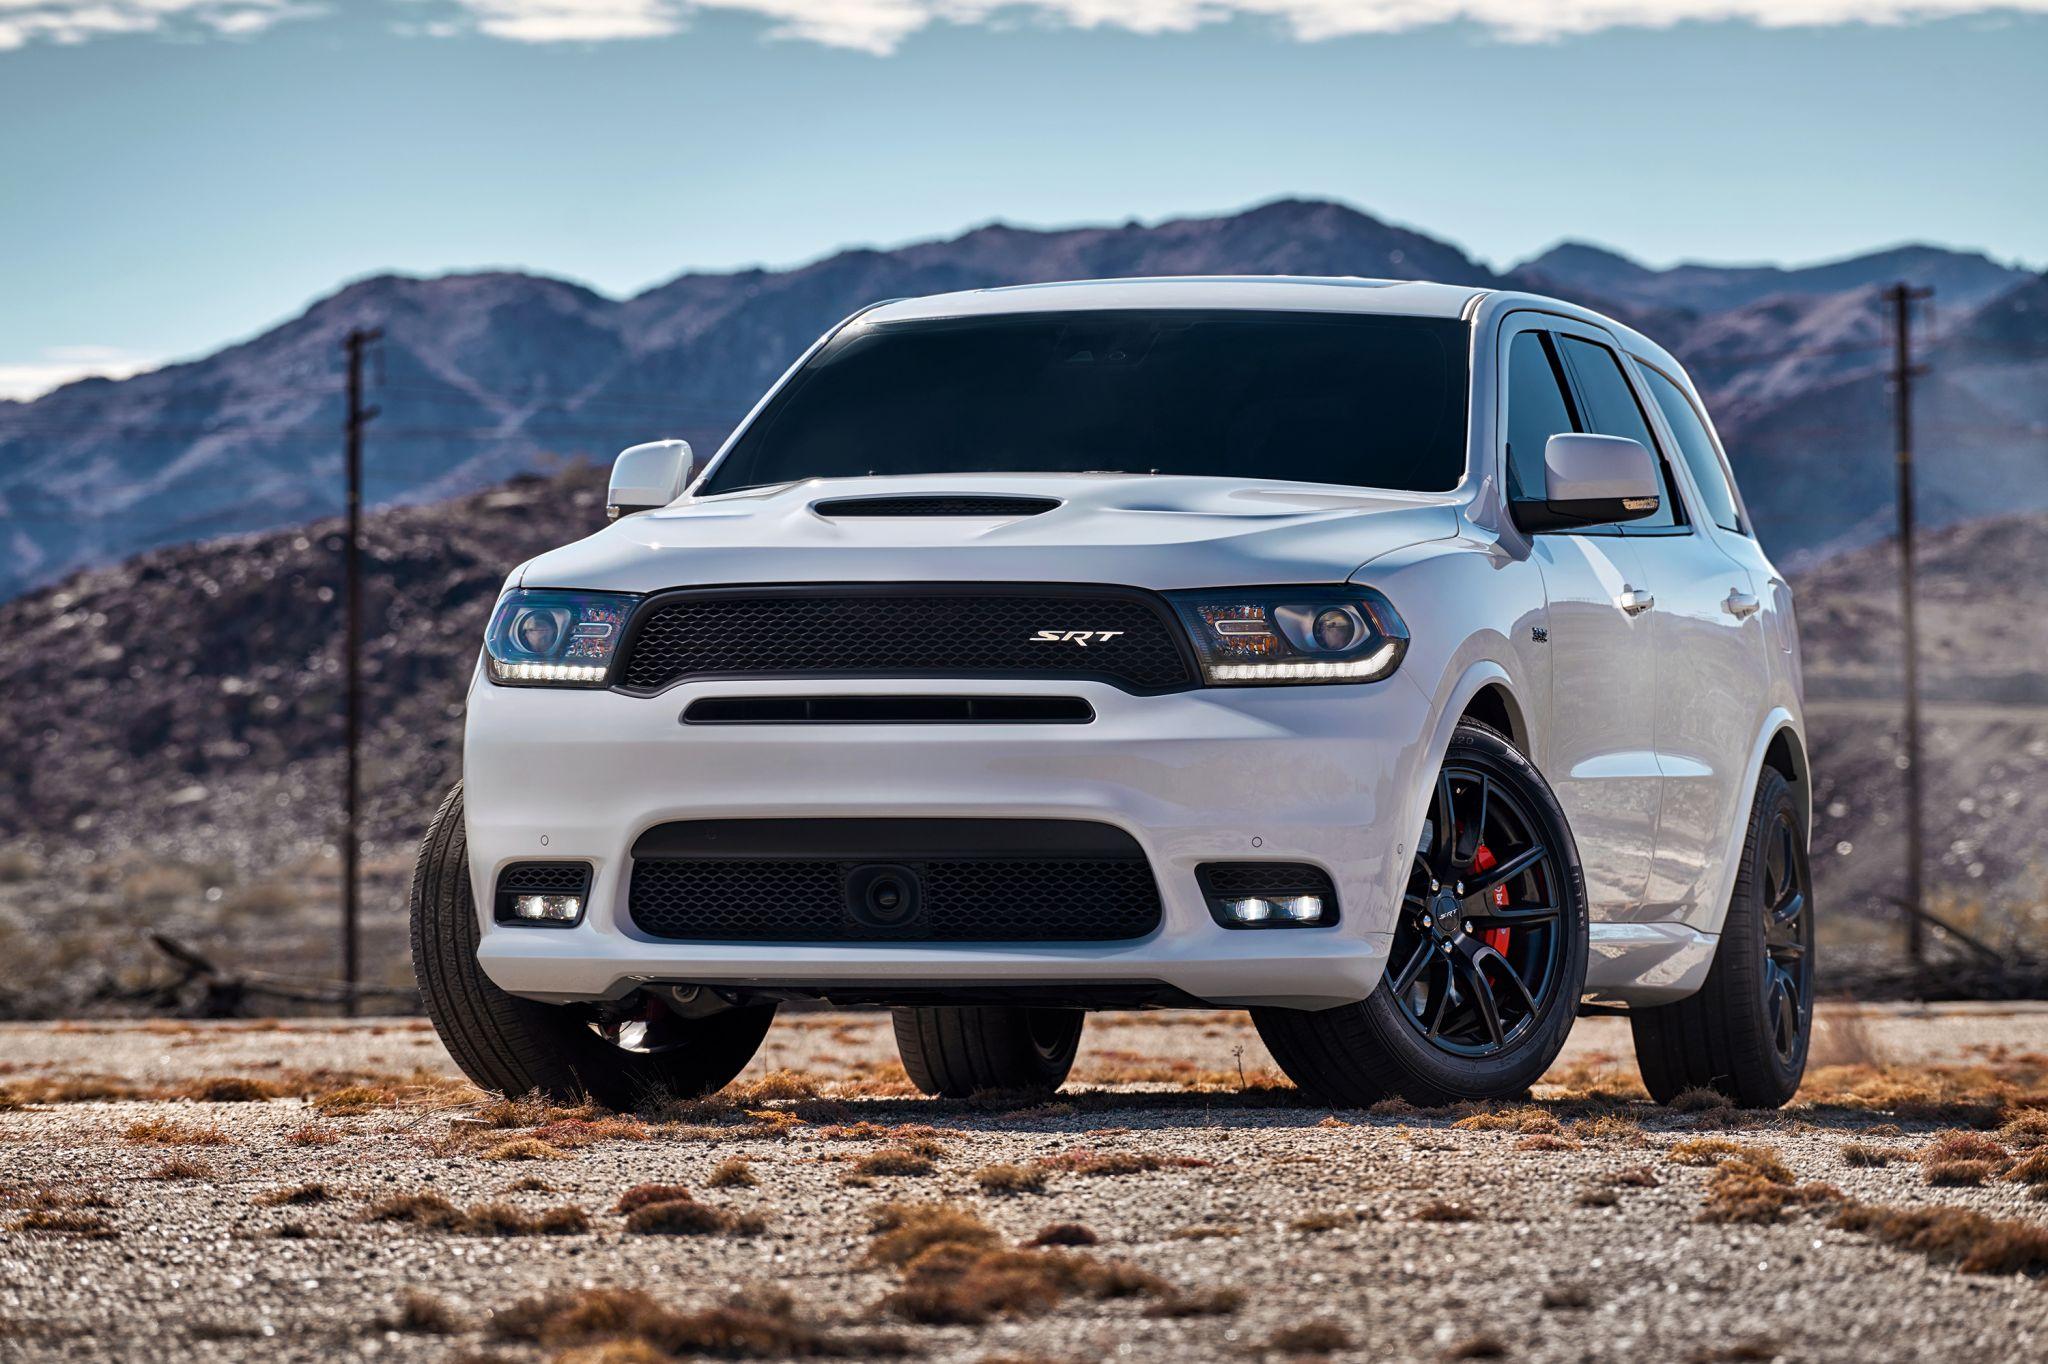 2018 dodge 1 ton. Plain Ton Dodge Touts New 2018 Durango SRT As Most Powerful Threerow SUV  Houston  Chronicle In Dodge 1 Ton R